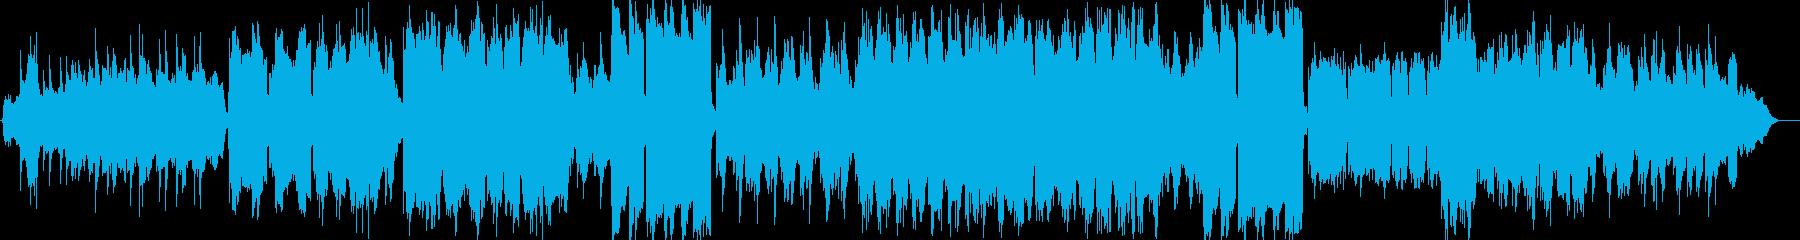 異次元的時空の表現。エキゾチック。の再生済みの波形